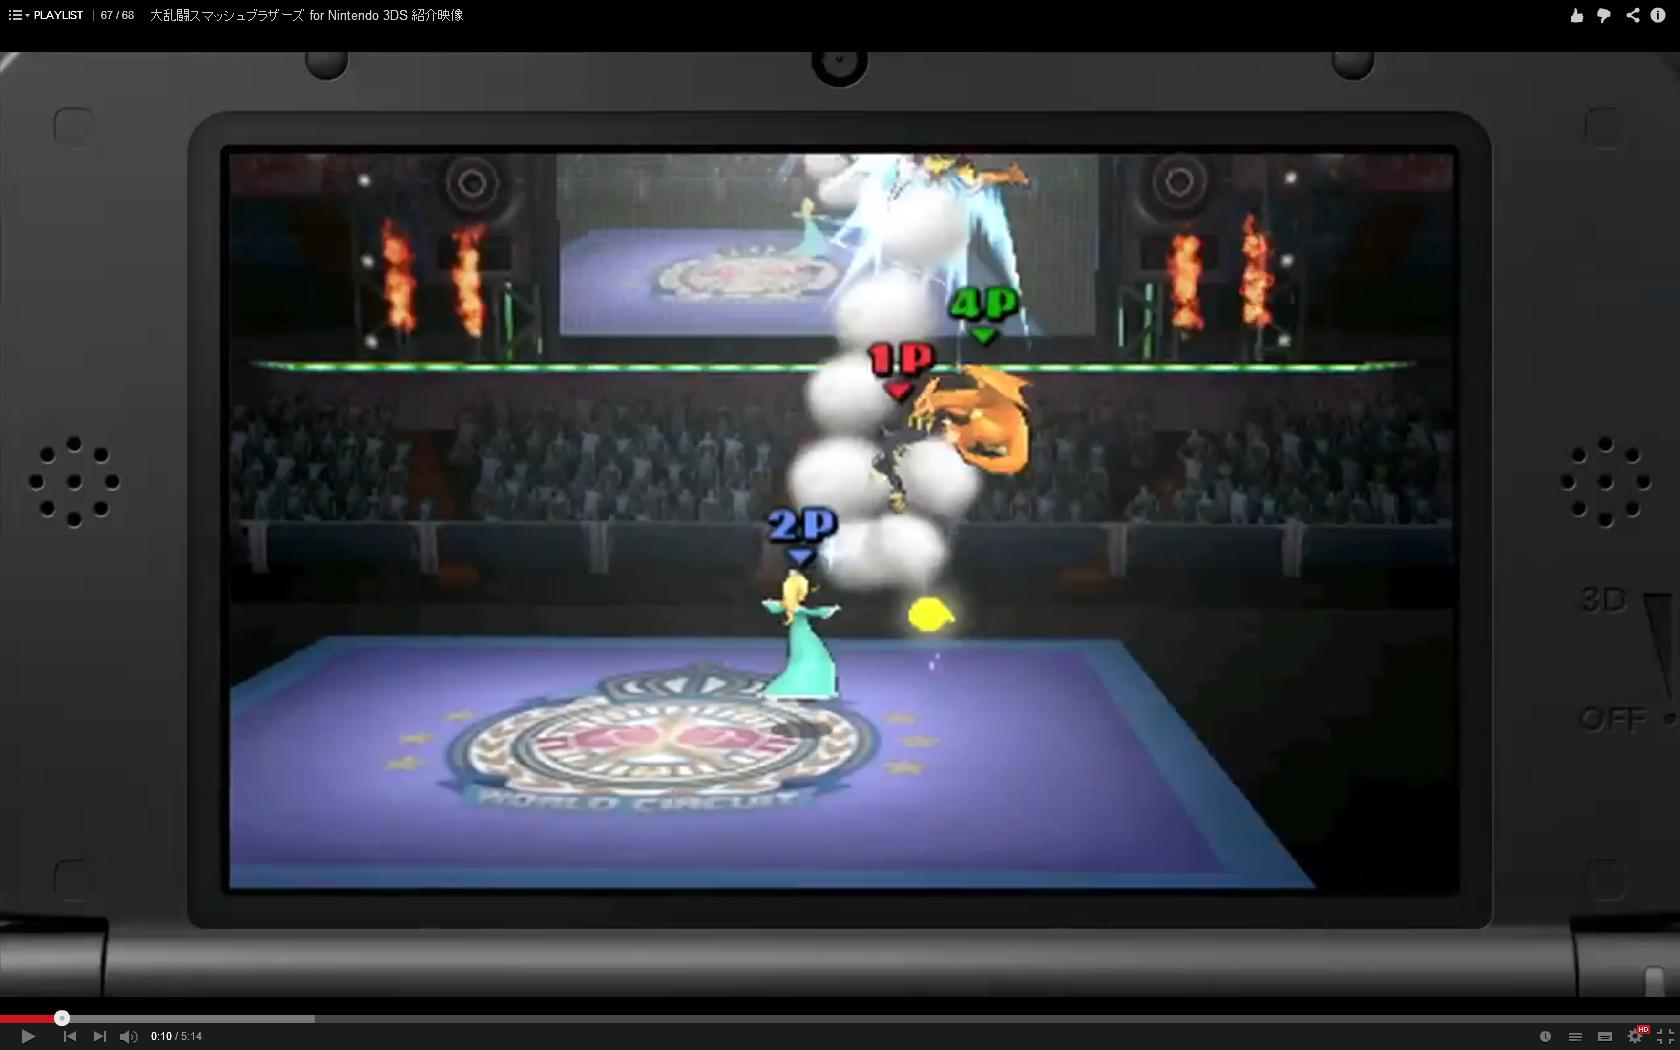 [Officiel] Liste des stages 3DS + nouvelle vidéo 1409319745092900600